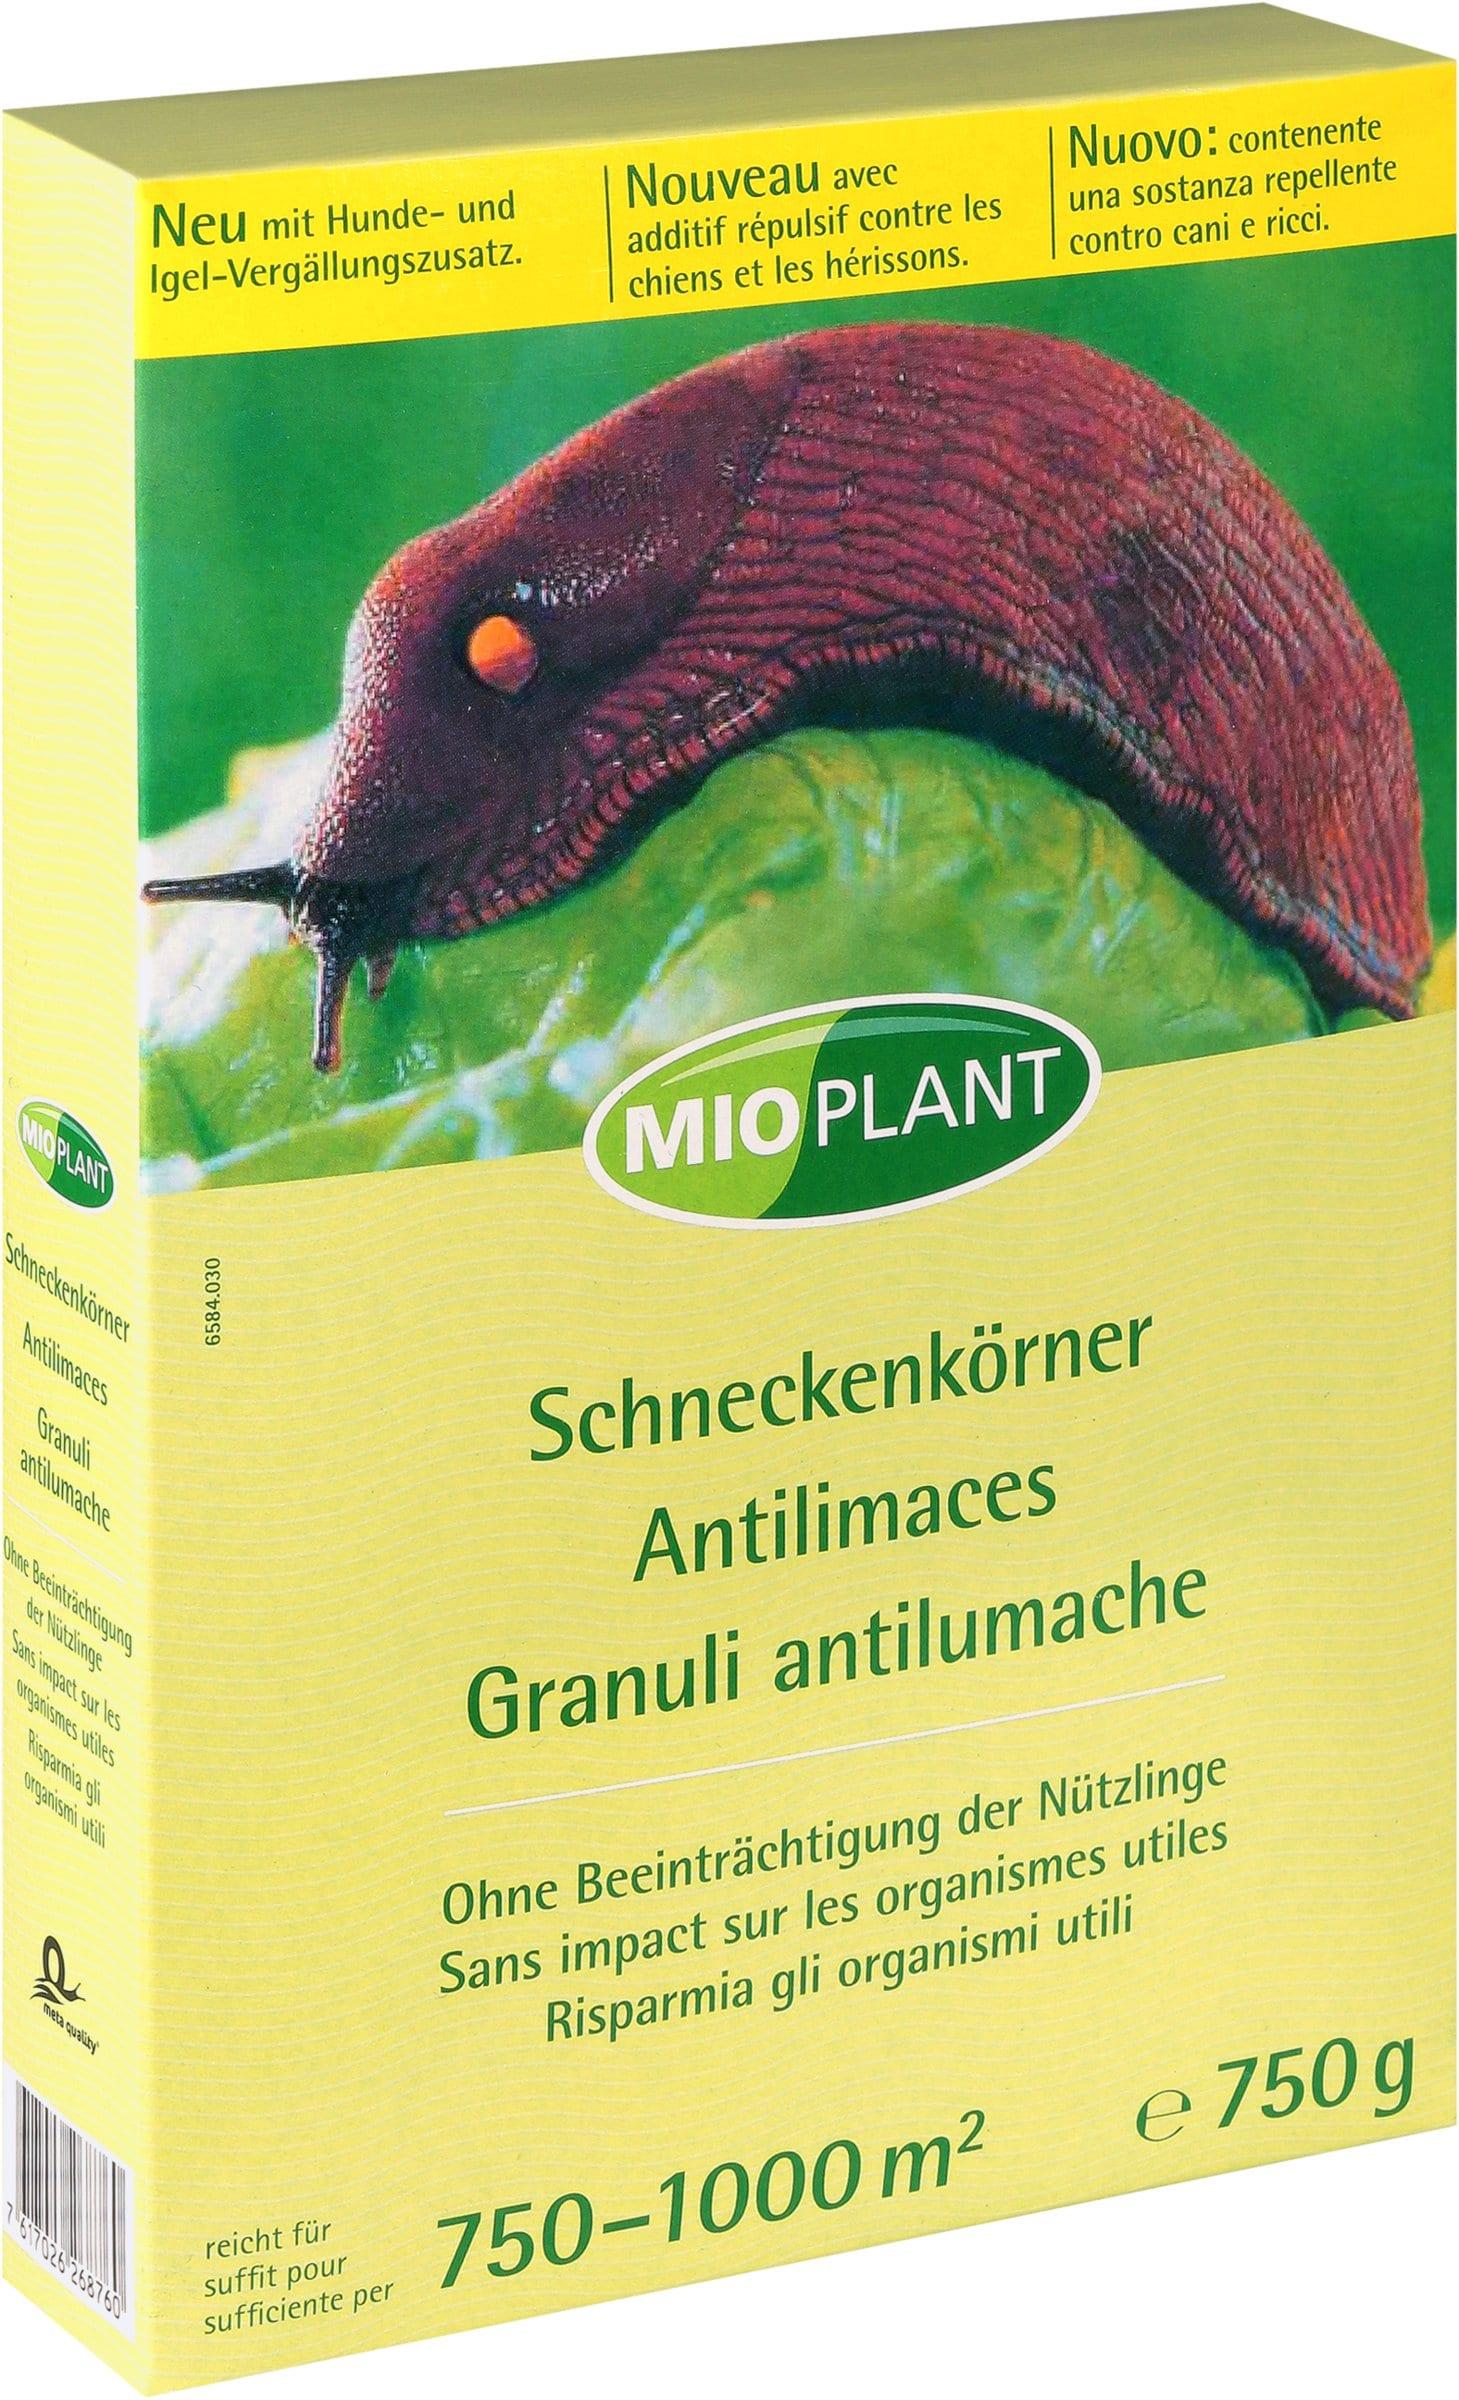 Mioplant Schneckenkörner, 750 g